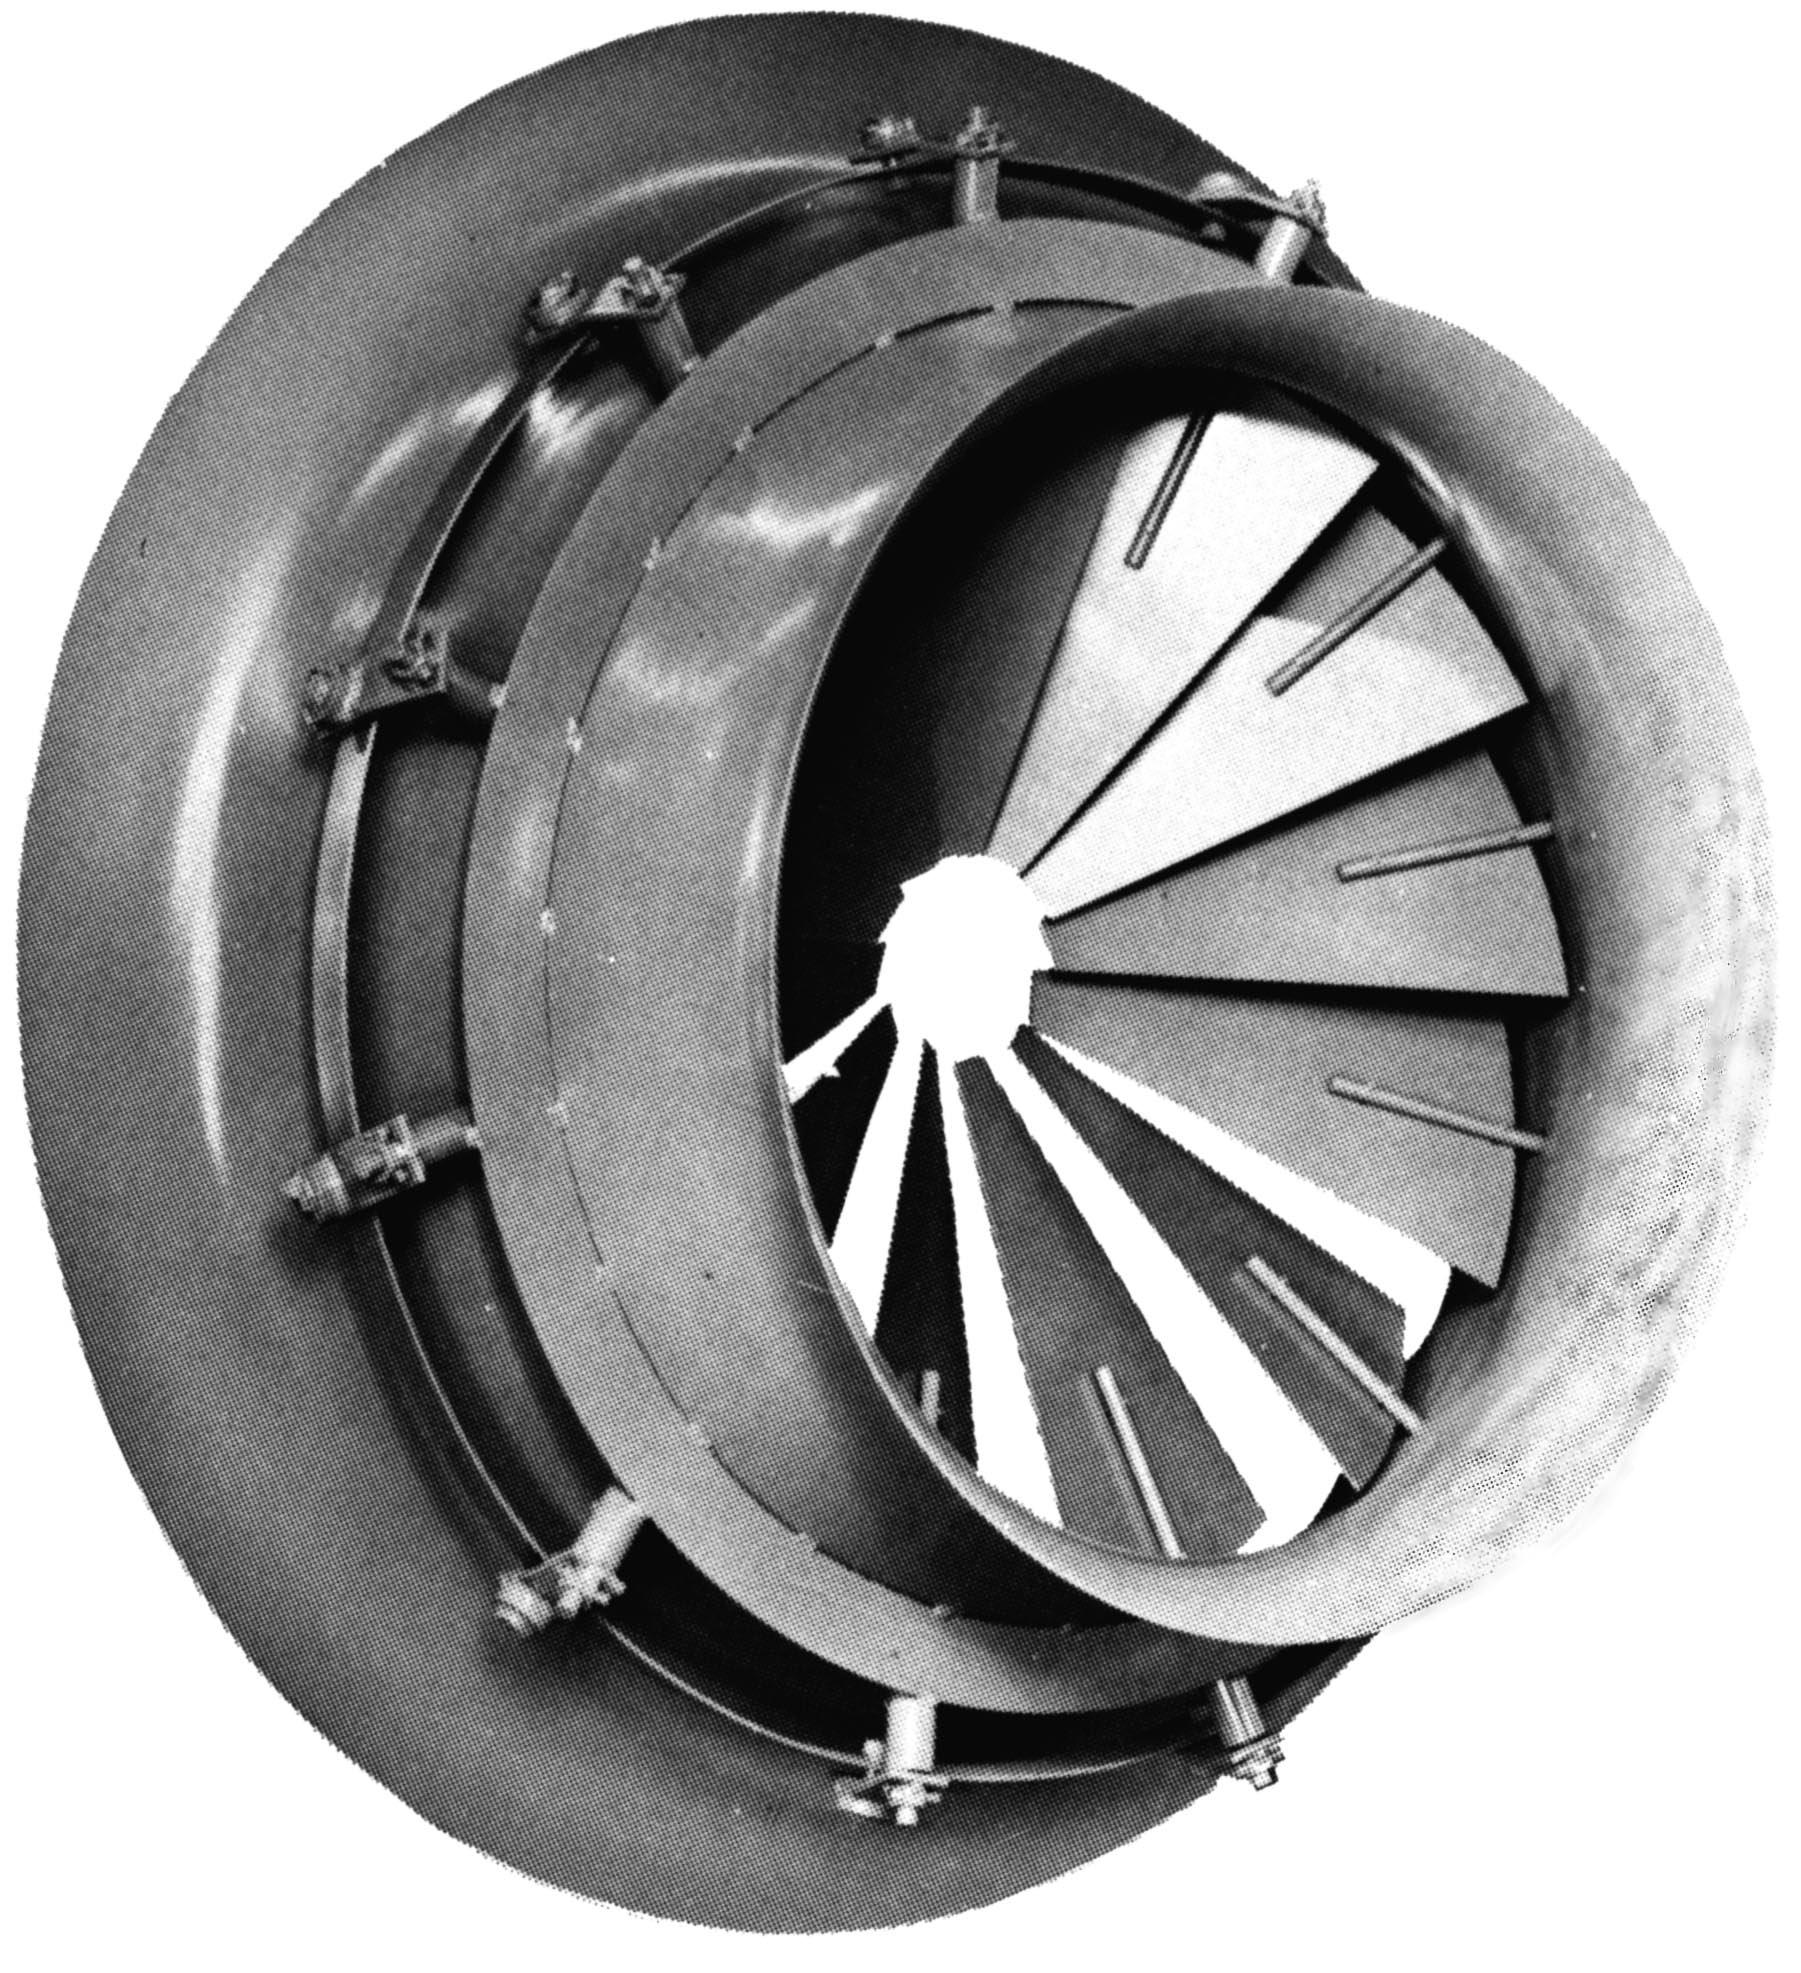 Nuclear HVAC Inlet Vane Damper